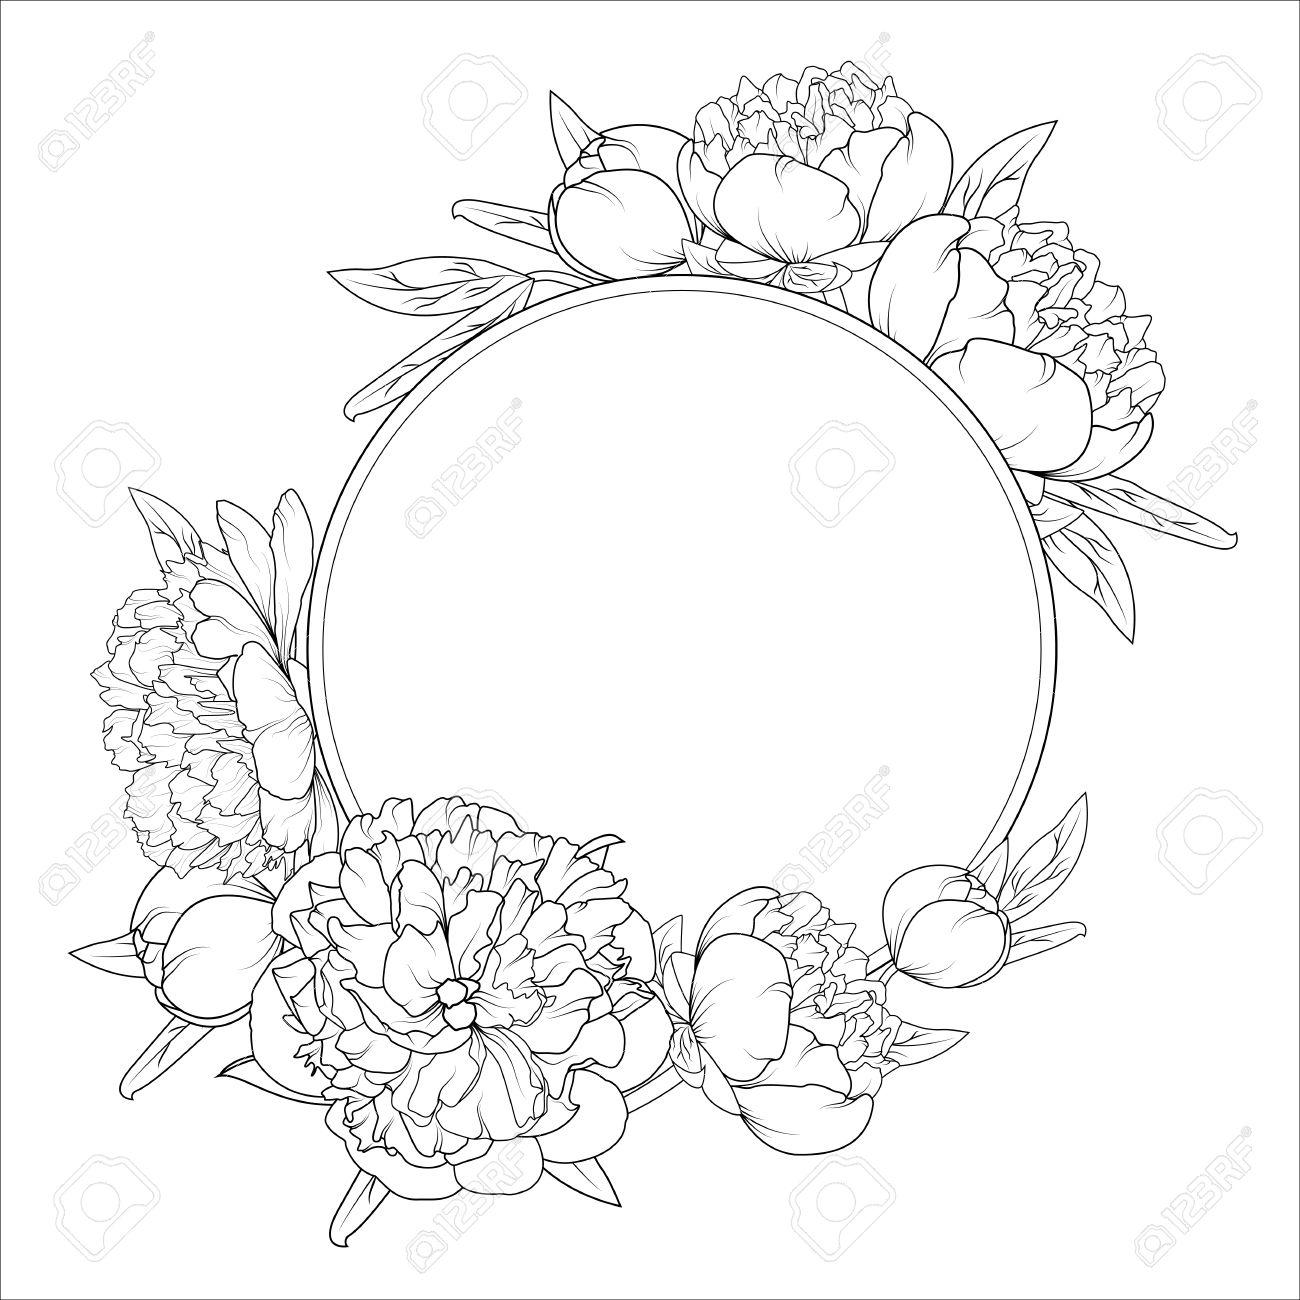 Rose Couronne De Printemps Fleurs Dété Couronne De Cadre Rond Dessin Détaillé Dessine Le Dessin Vectoriel En Noir Et Blanc Marqueur De Modèle